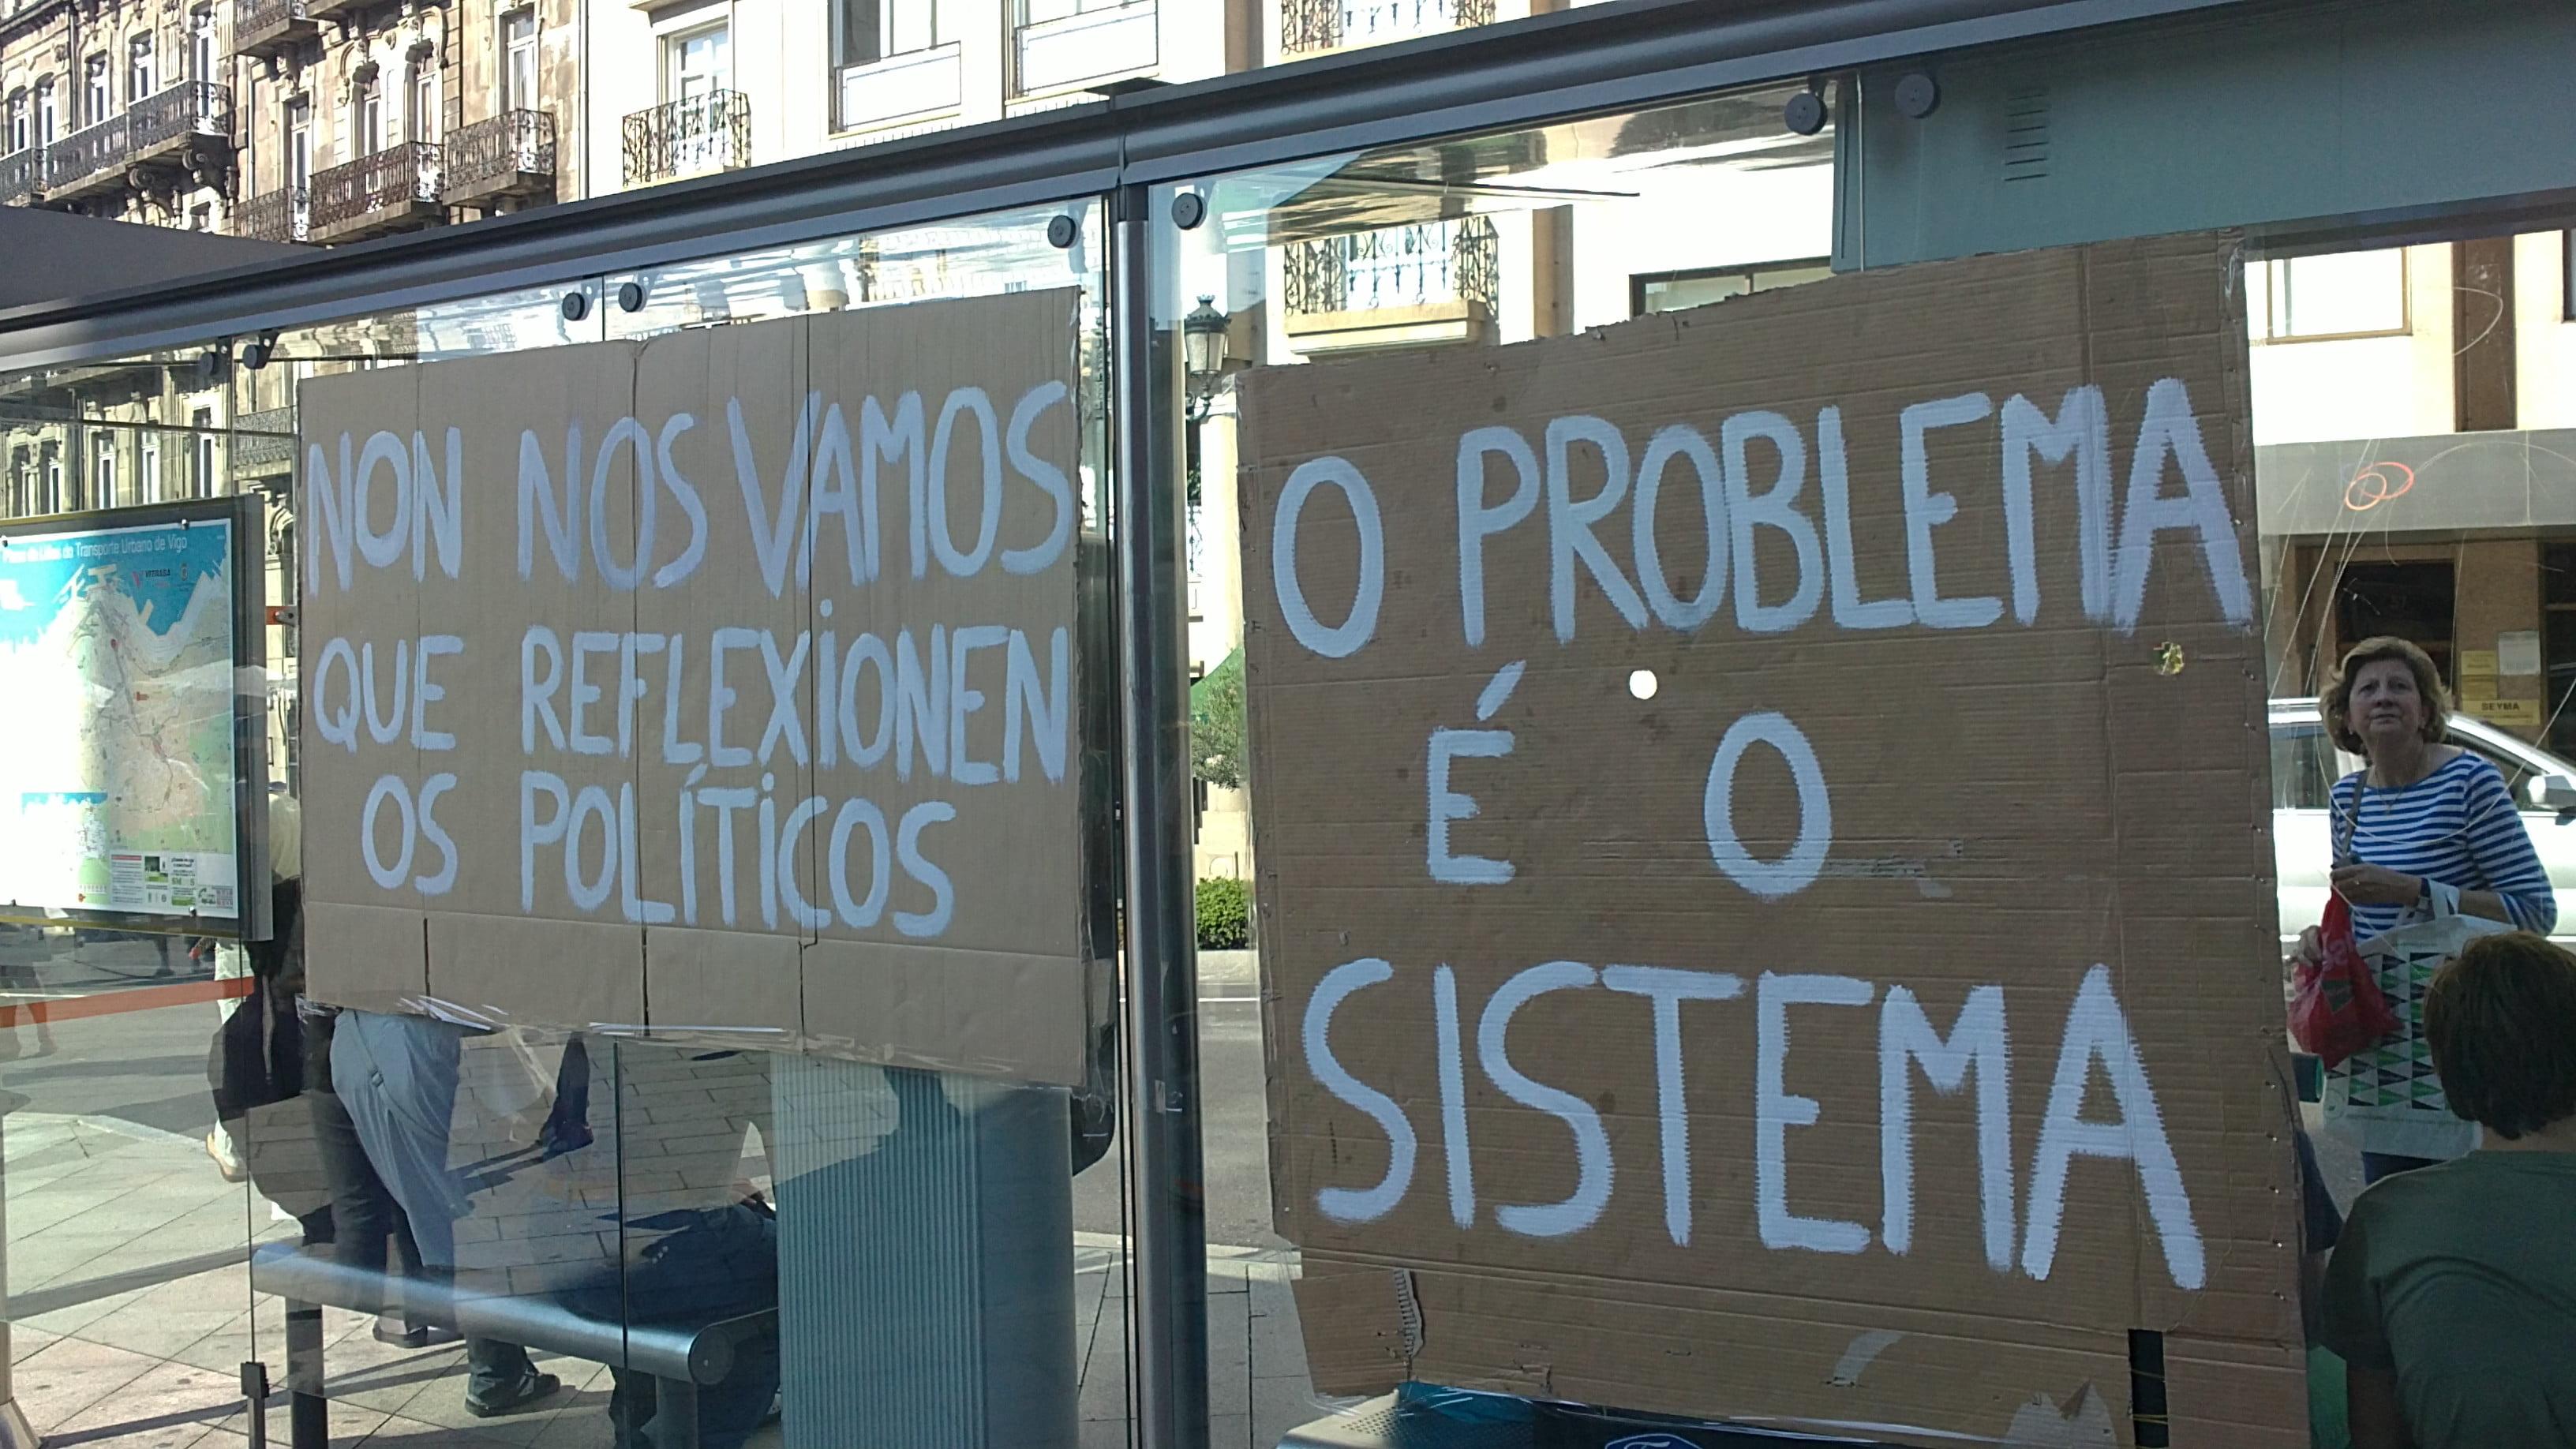 Jornada de Reflexión. Ánimo #acampadavigo!